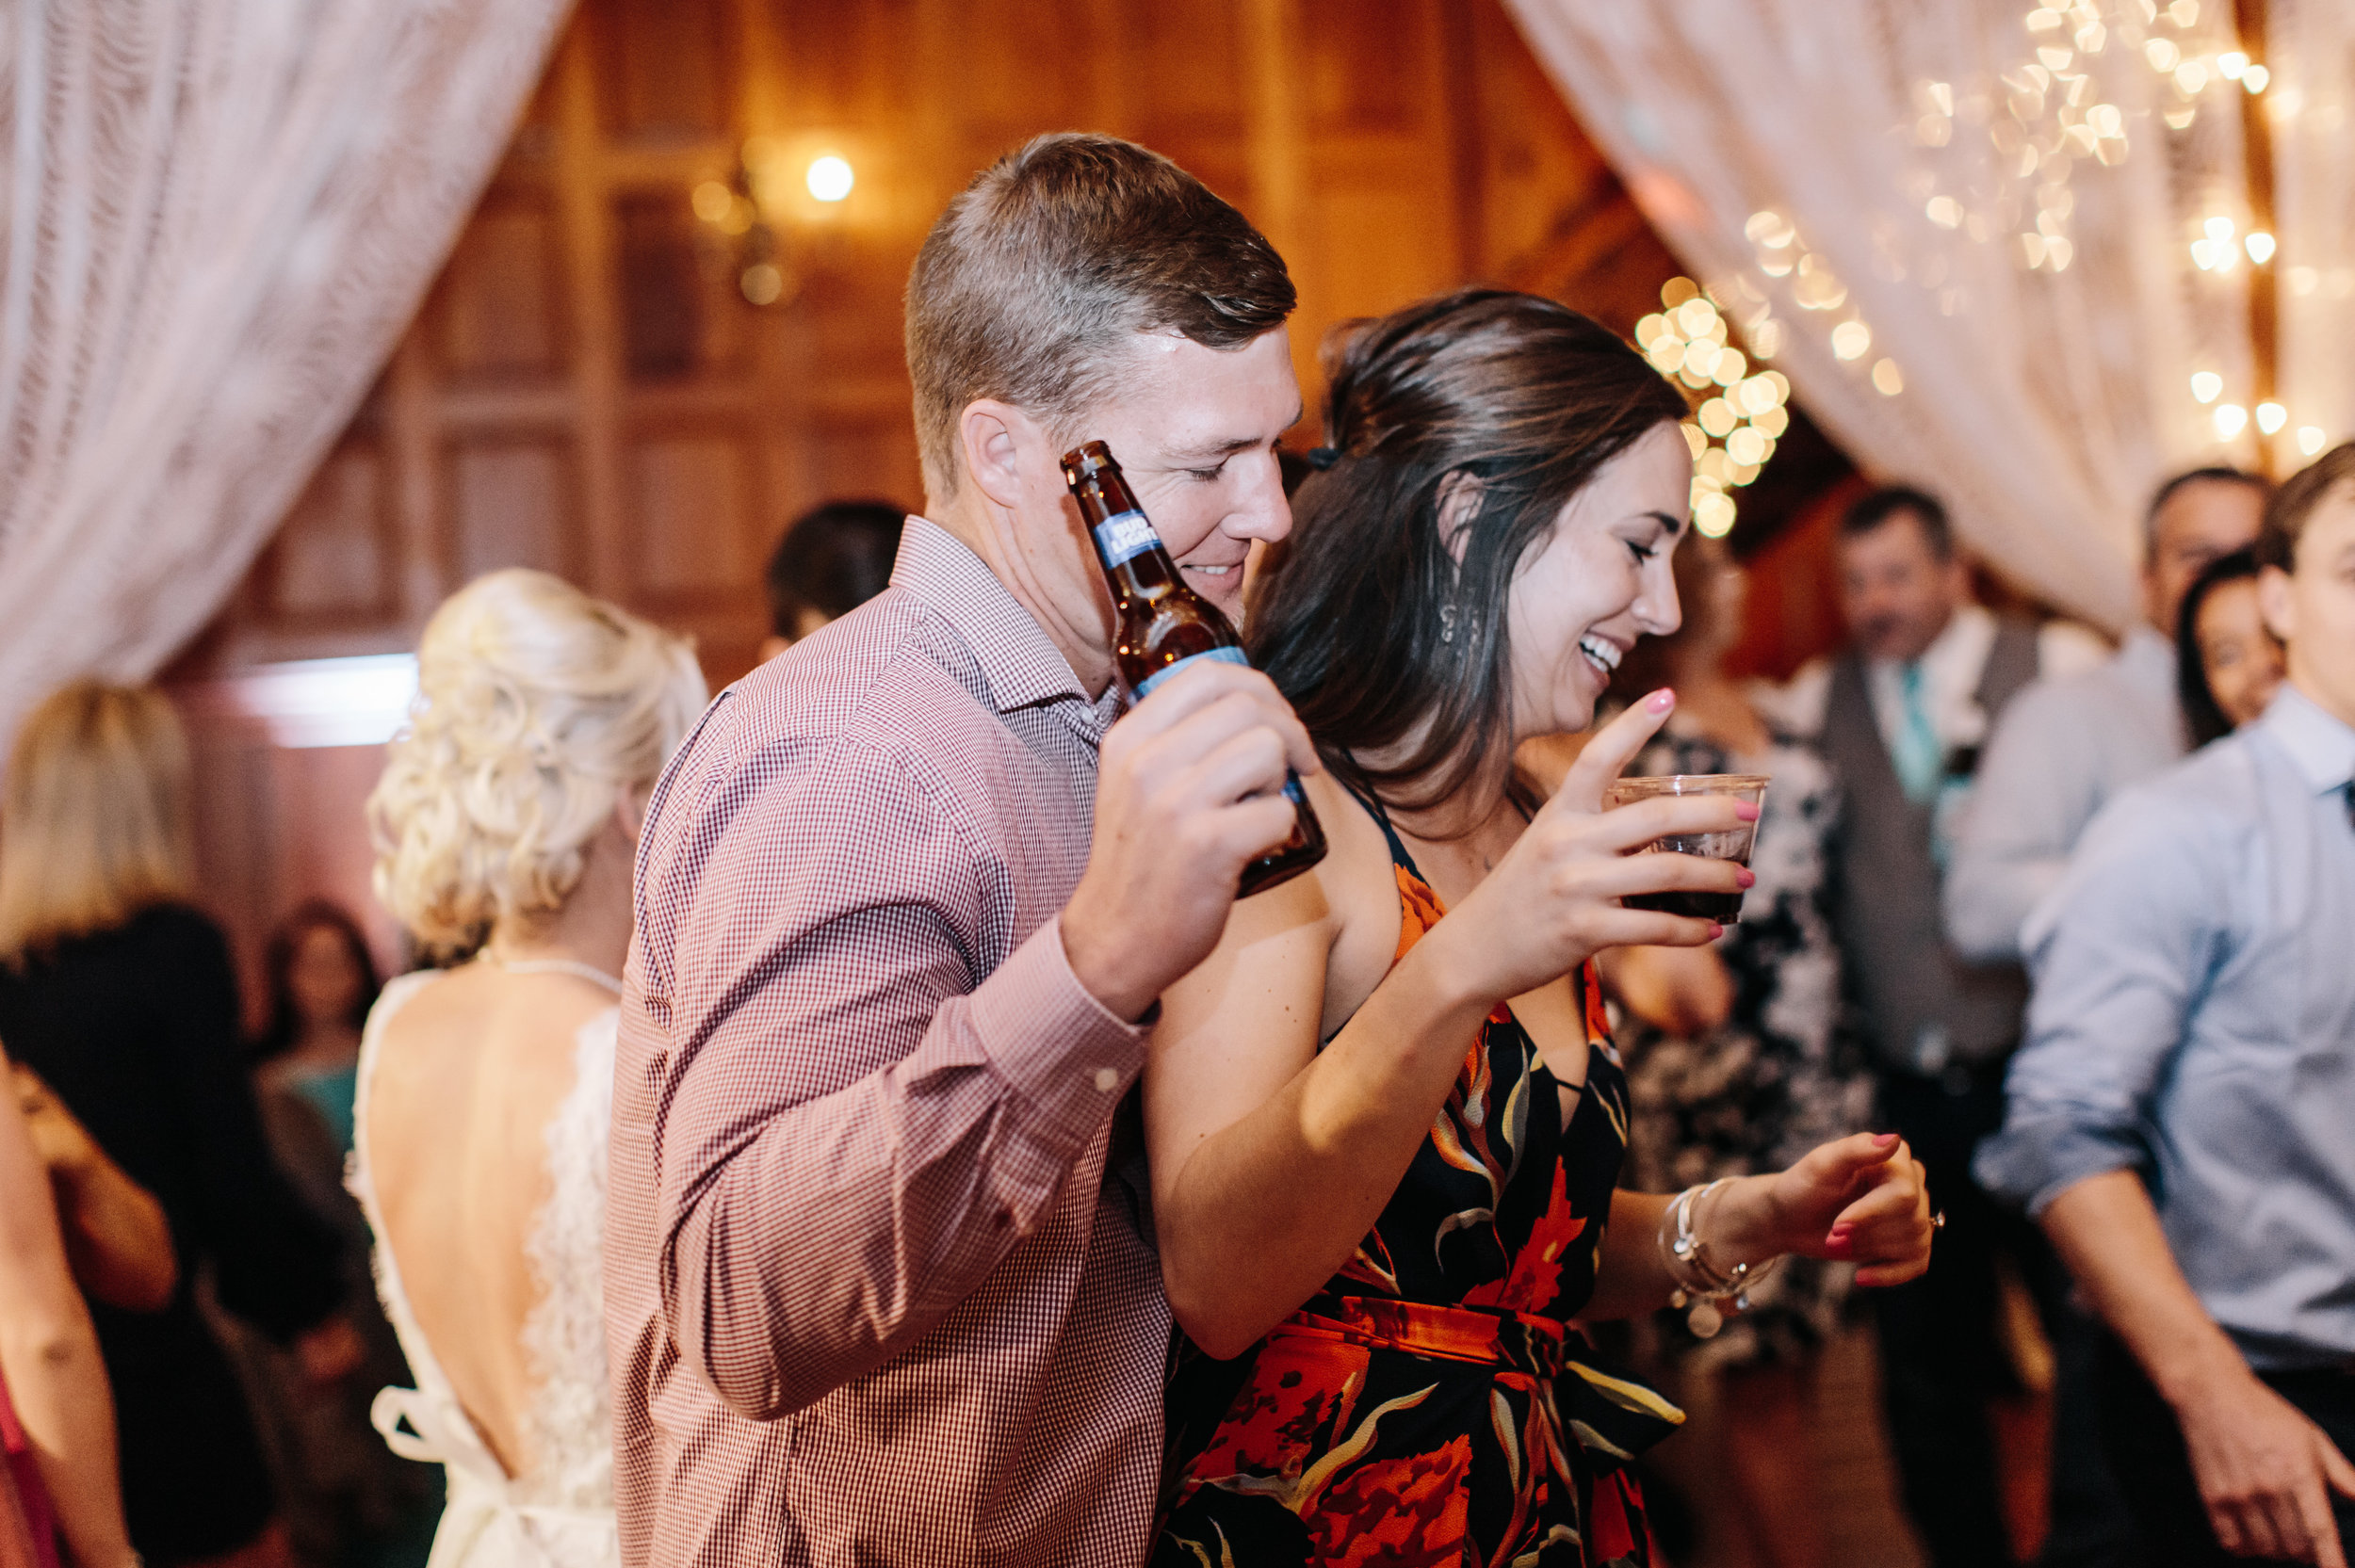 2018.02.10 Mariah and Ryan Baker Estate on Halifax Wedding (1173 of 1218).jpg